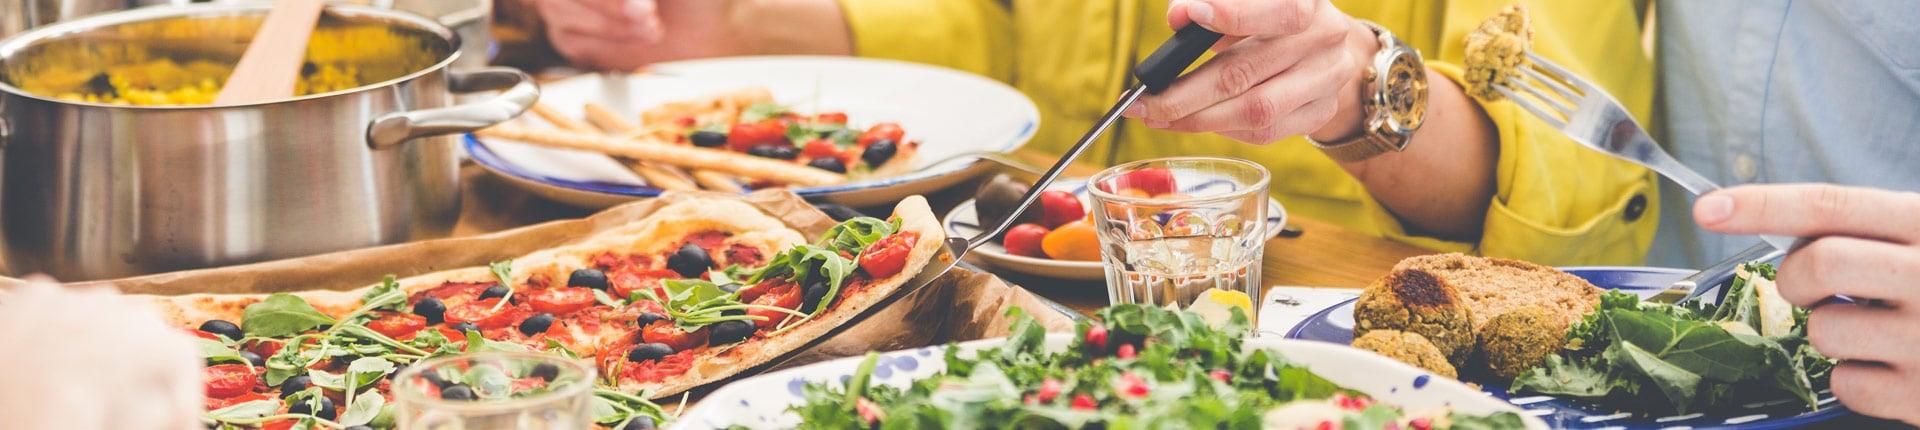 Czy dieta wegańska, wegetariańska jest zdrowa? Jak wpływa na organizm